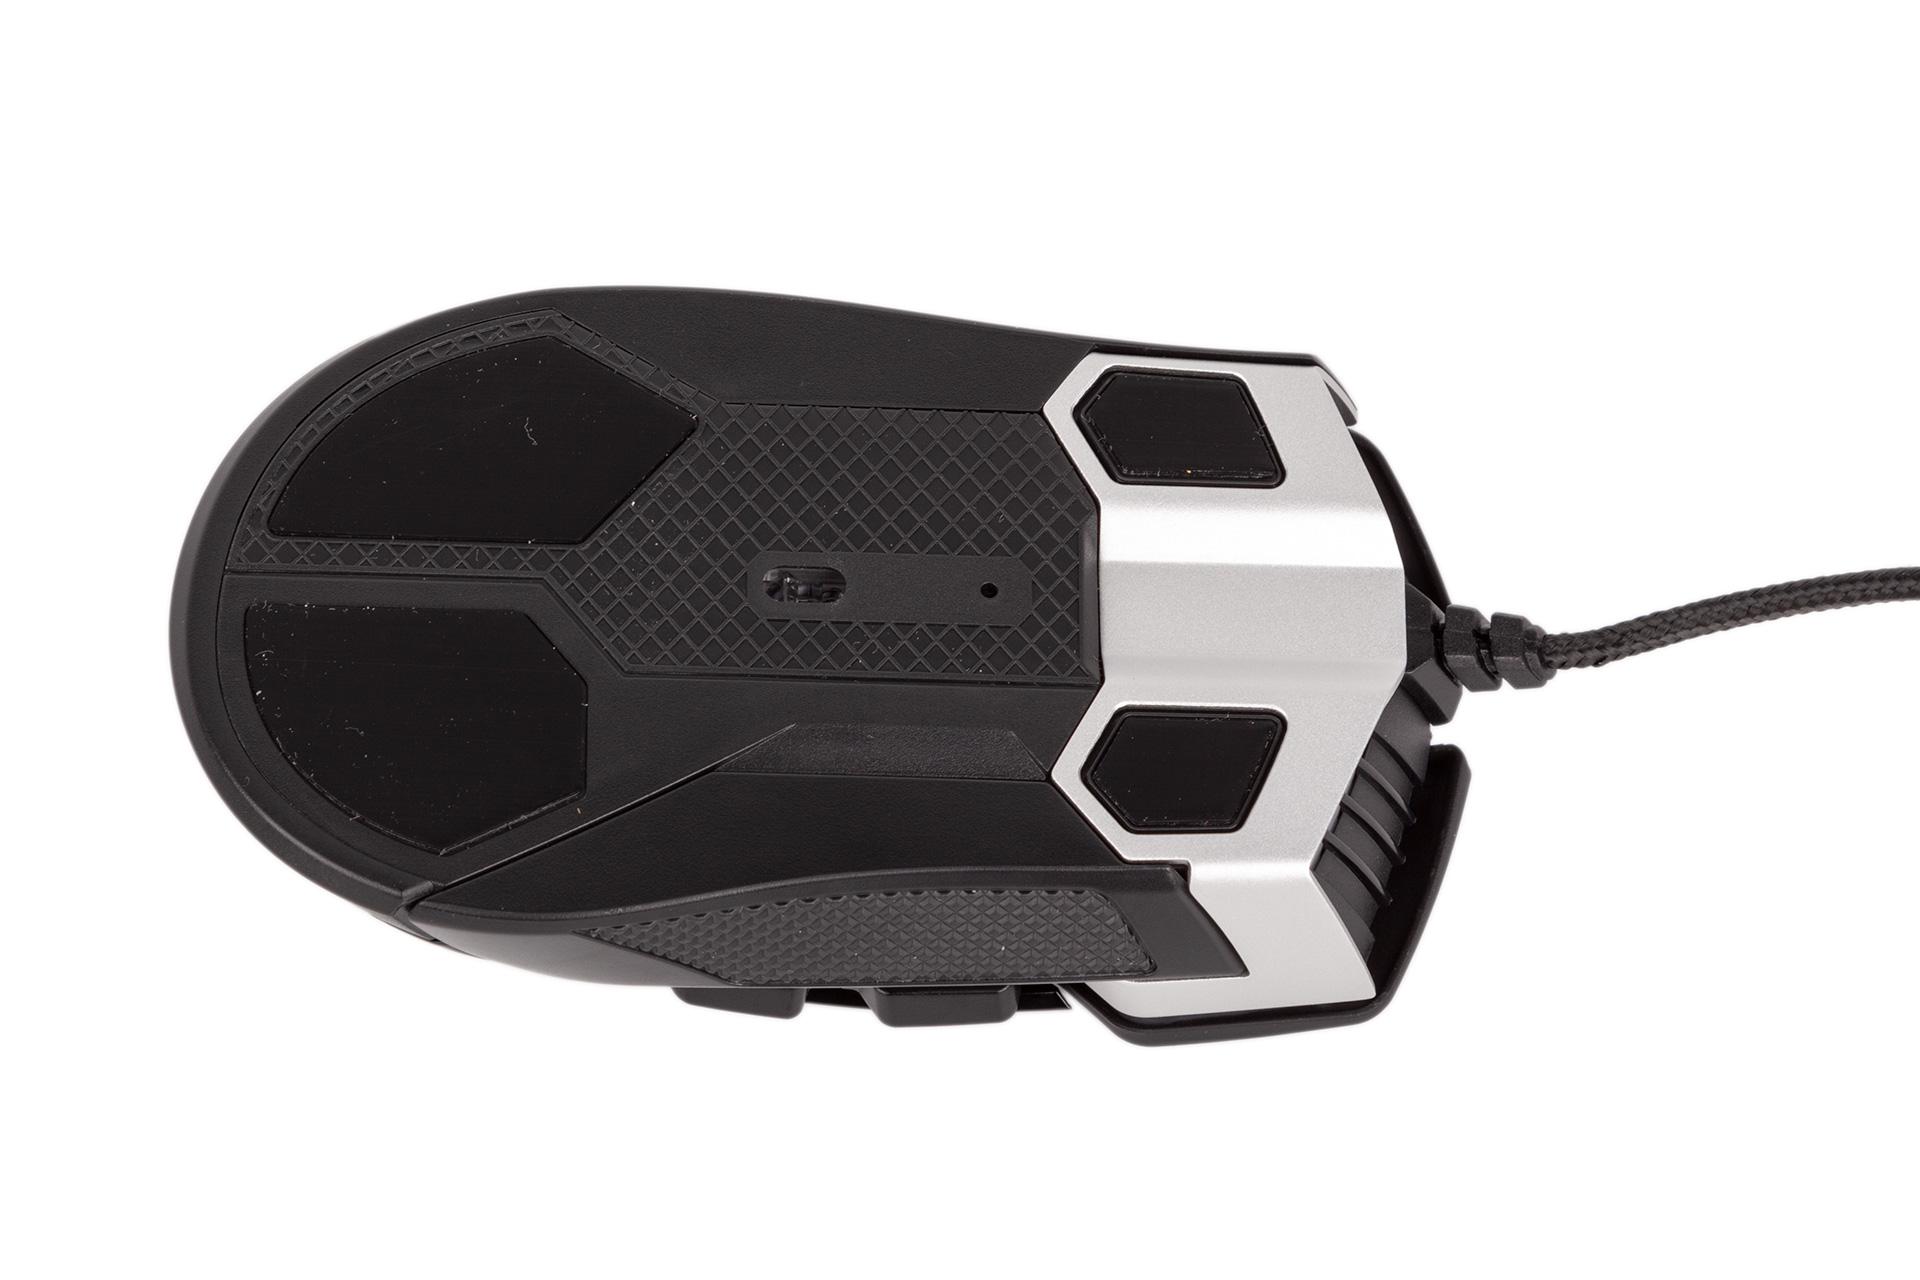 Corsair Glaive RGB Pro Review | bit-tech net